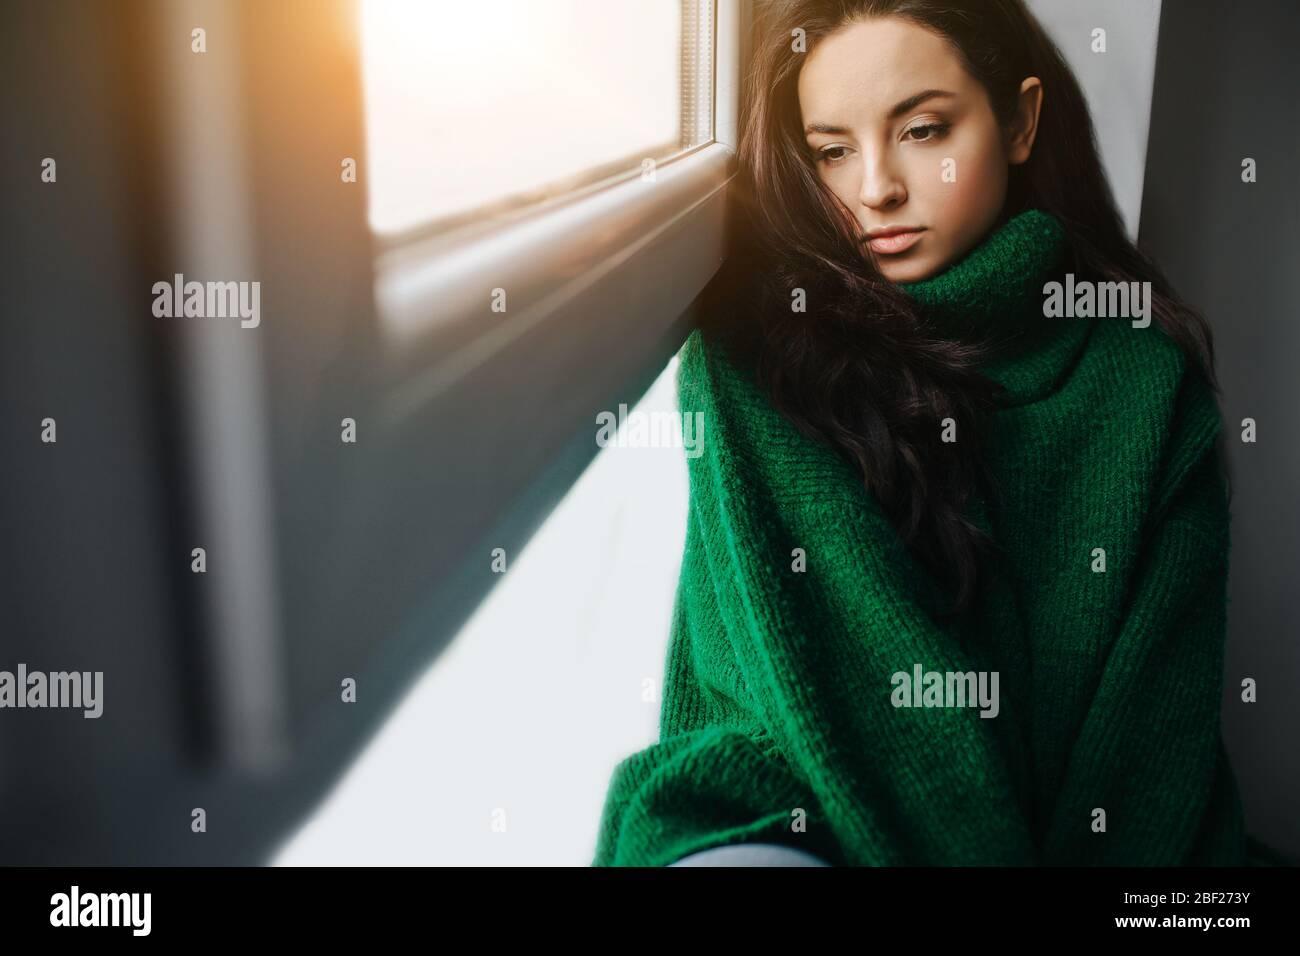 giovane donna infelice è triste vicino alla finestra. La brunetta piange. Tristezza, apatia, depressione e melancolia. Foto Stock